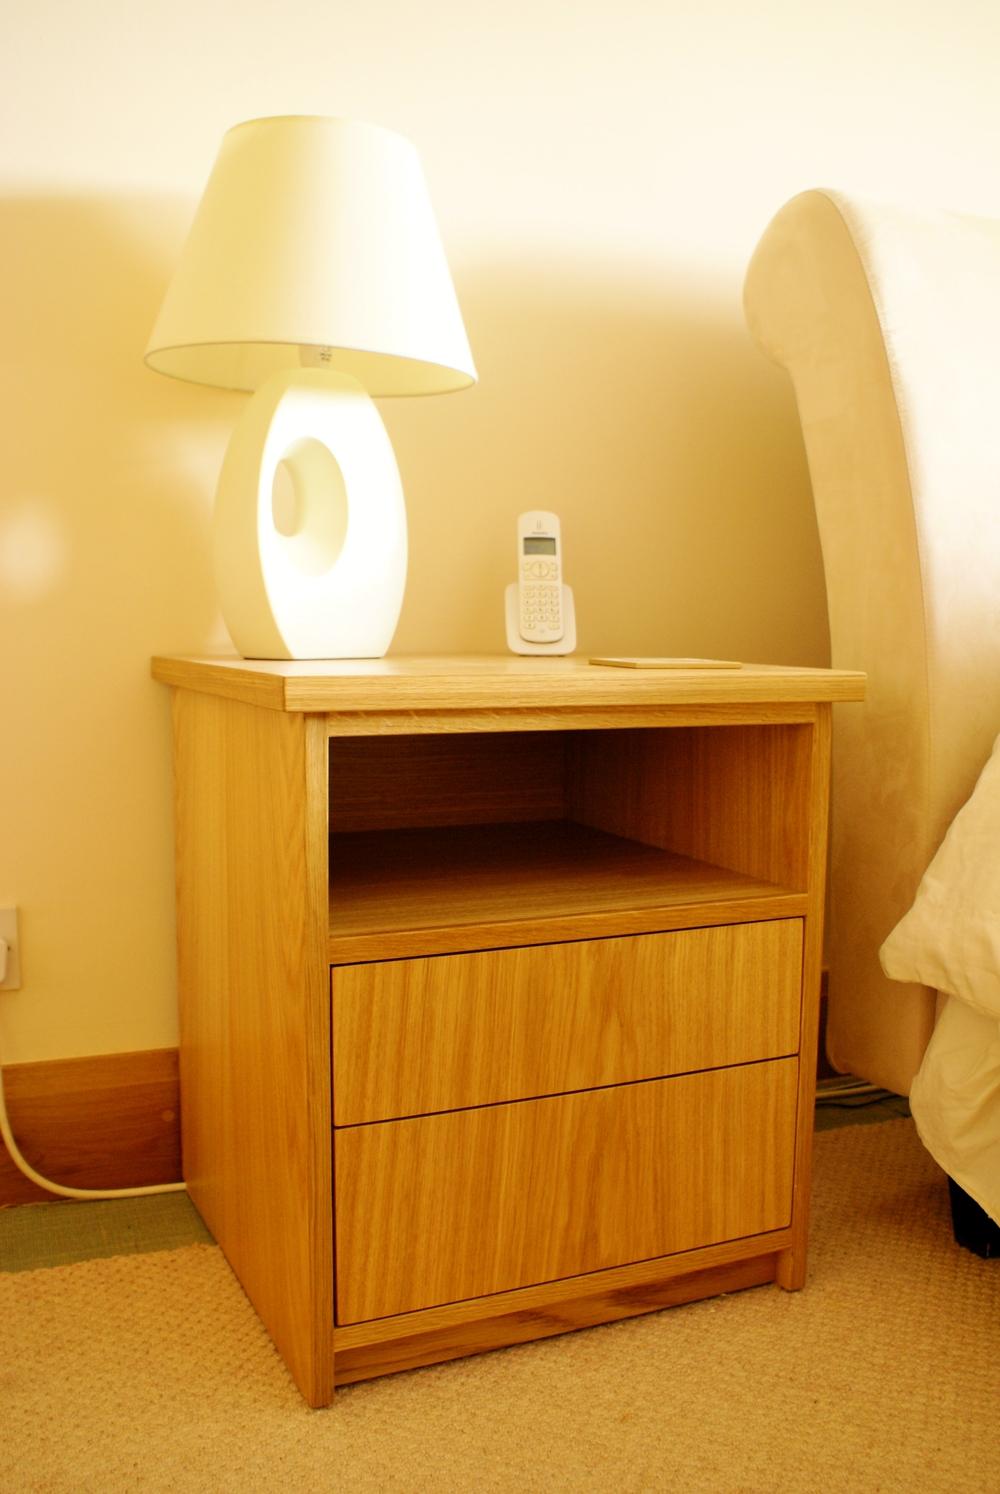 Oak bedside table